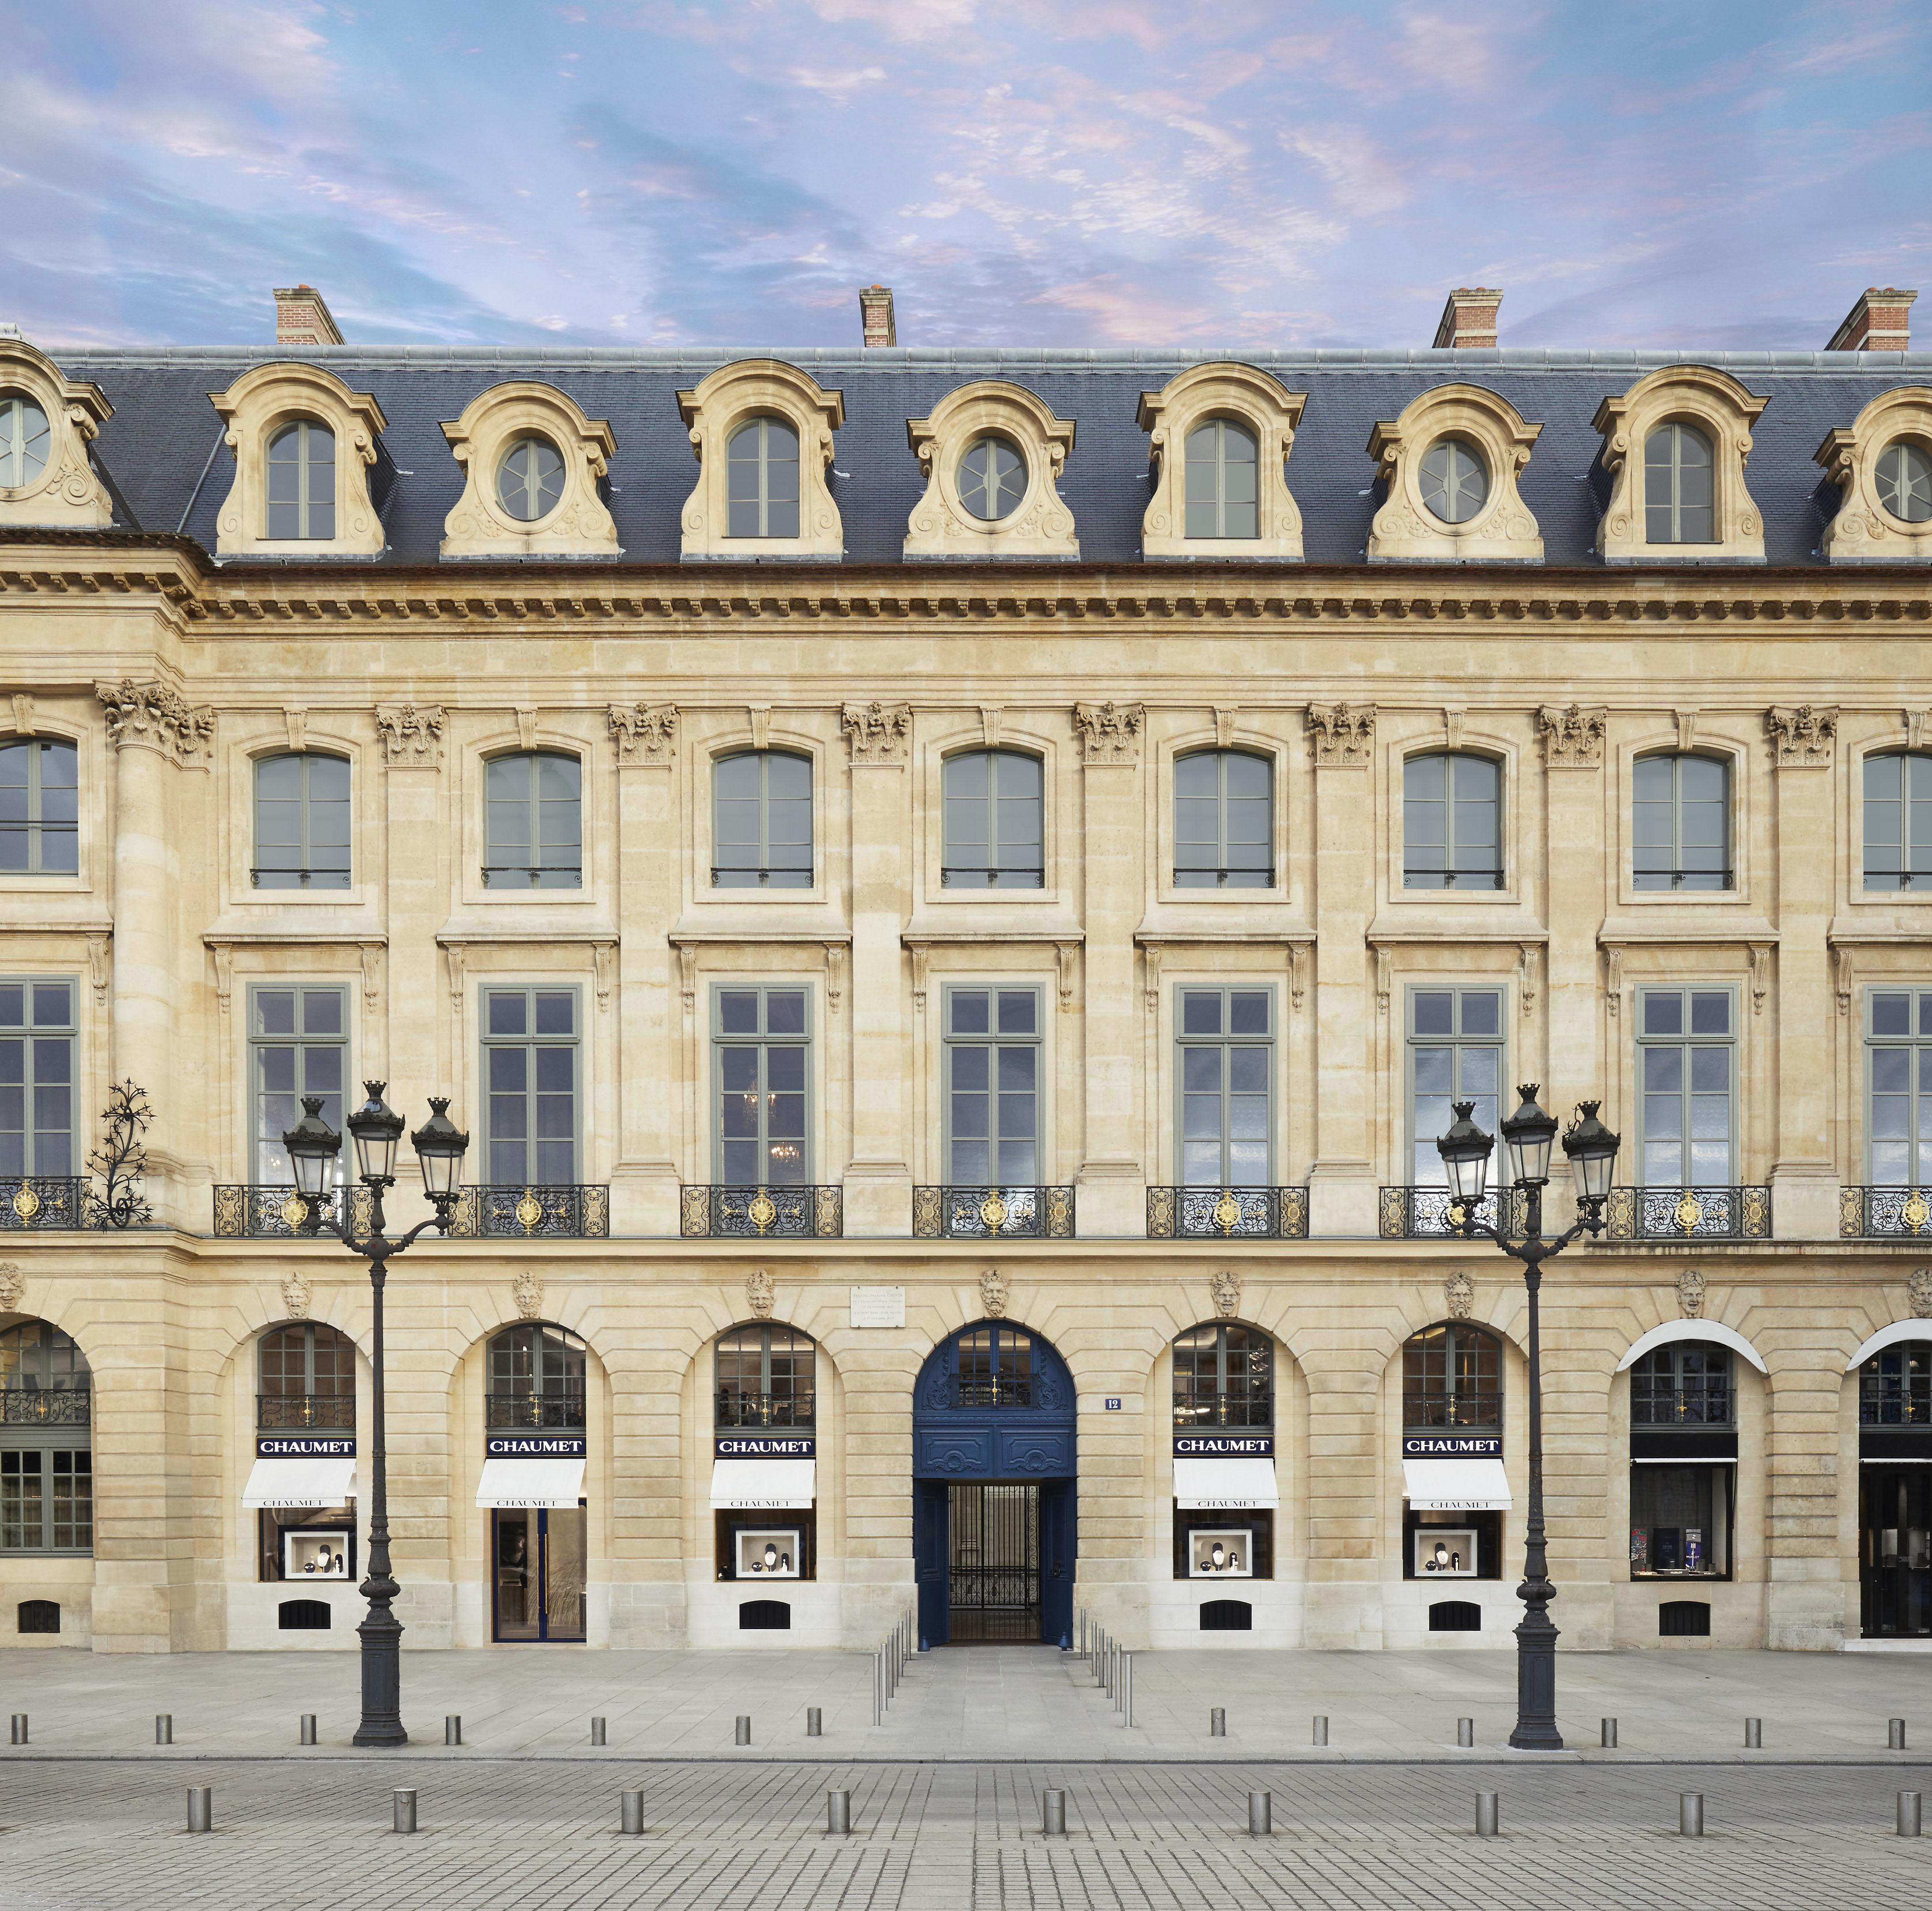 ff95d727 10a9 40b9 b254 9096ff6747a1 - Chaumet presenta en París  la exposición Napoleón y Joséphine  -  Una historia (extra) Ordinaria